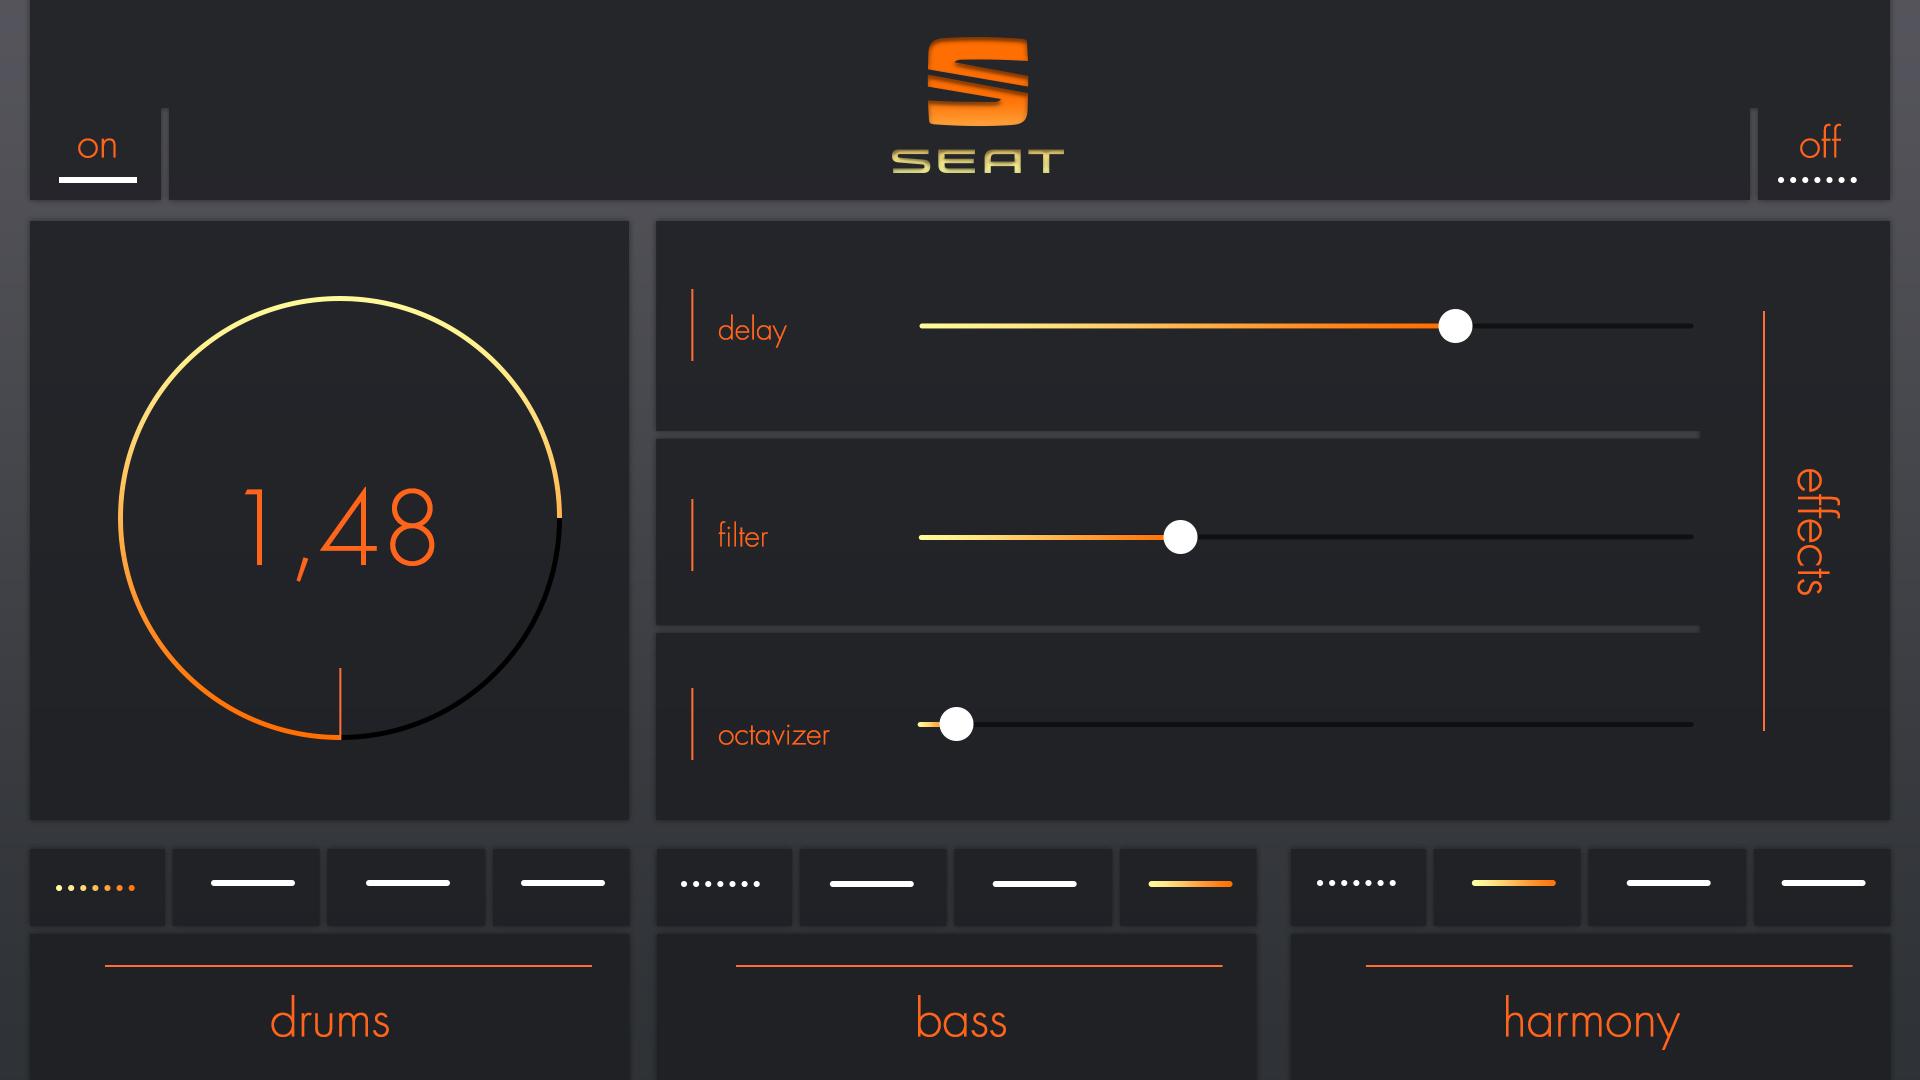 UIcontrol_SeatPrimavera_08